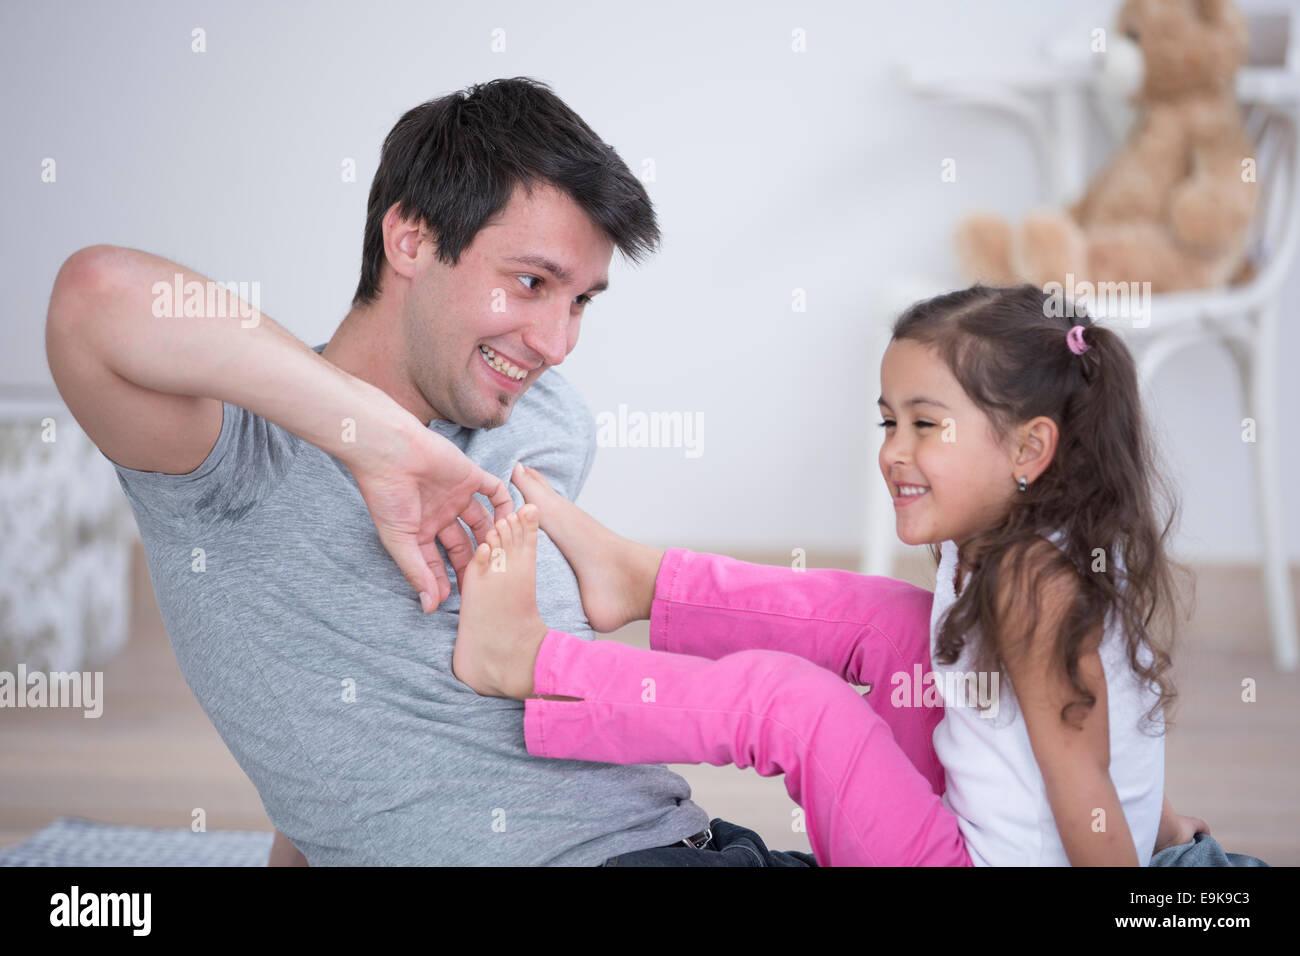 Père de chatouiller le pied de sa fille à la maison Photo Stock